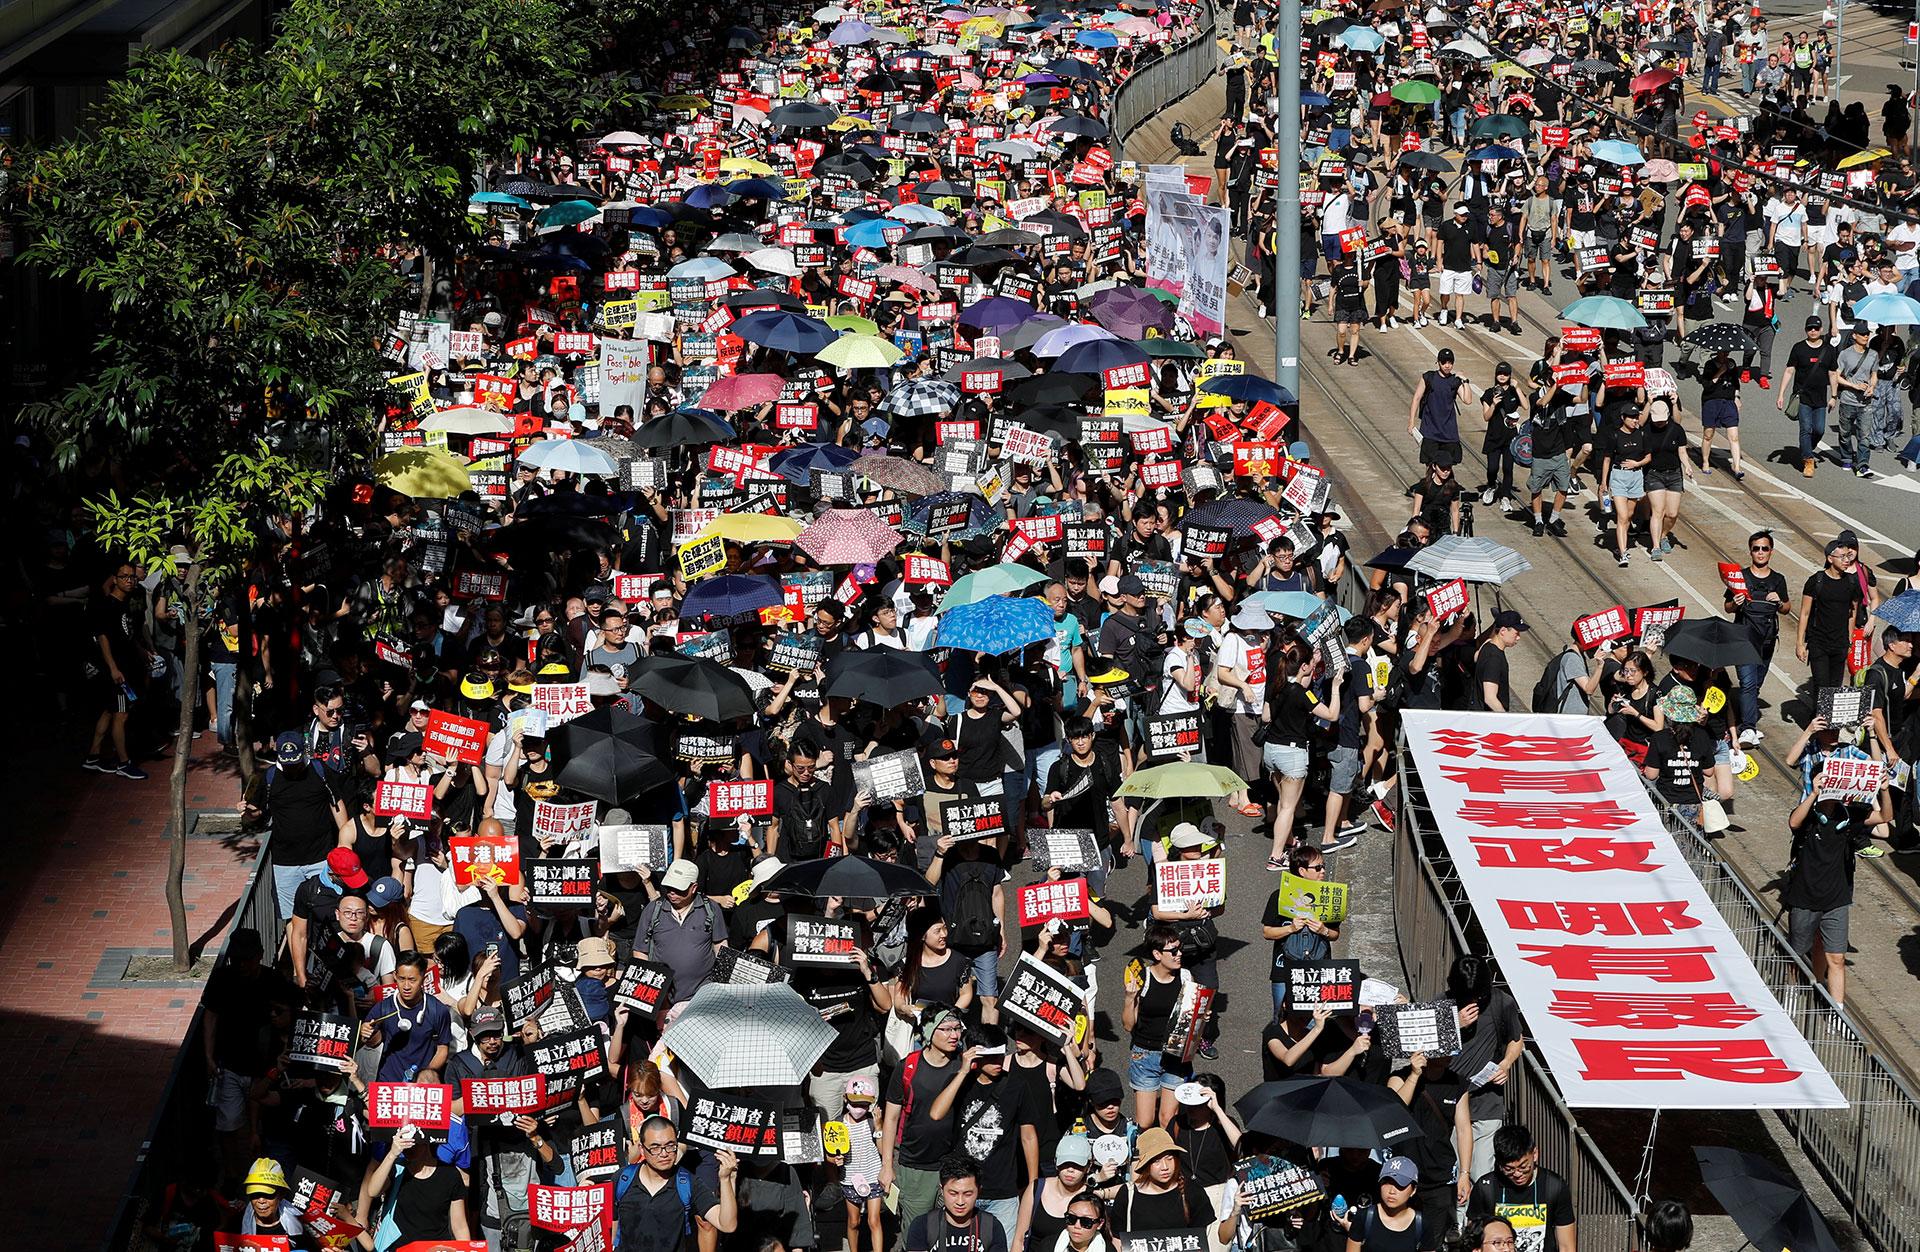 Los manifestantes contra el proyecto de ley contra la extradición marchan durante el aniversario de la entrega de Hong Kong a China en Hong Kong, China, el 1 de julio de 2019. (Reuters / Tyrone Siu)